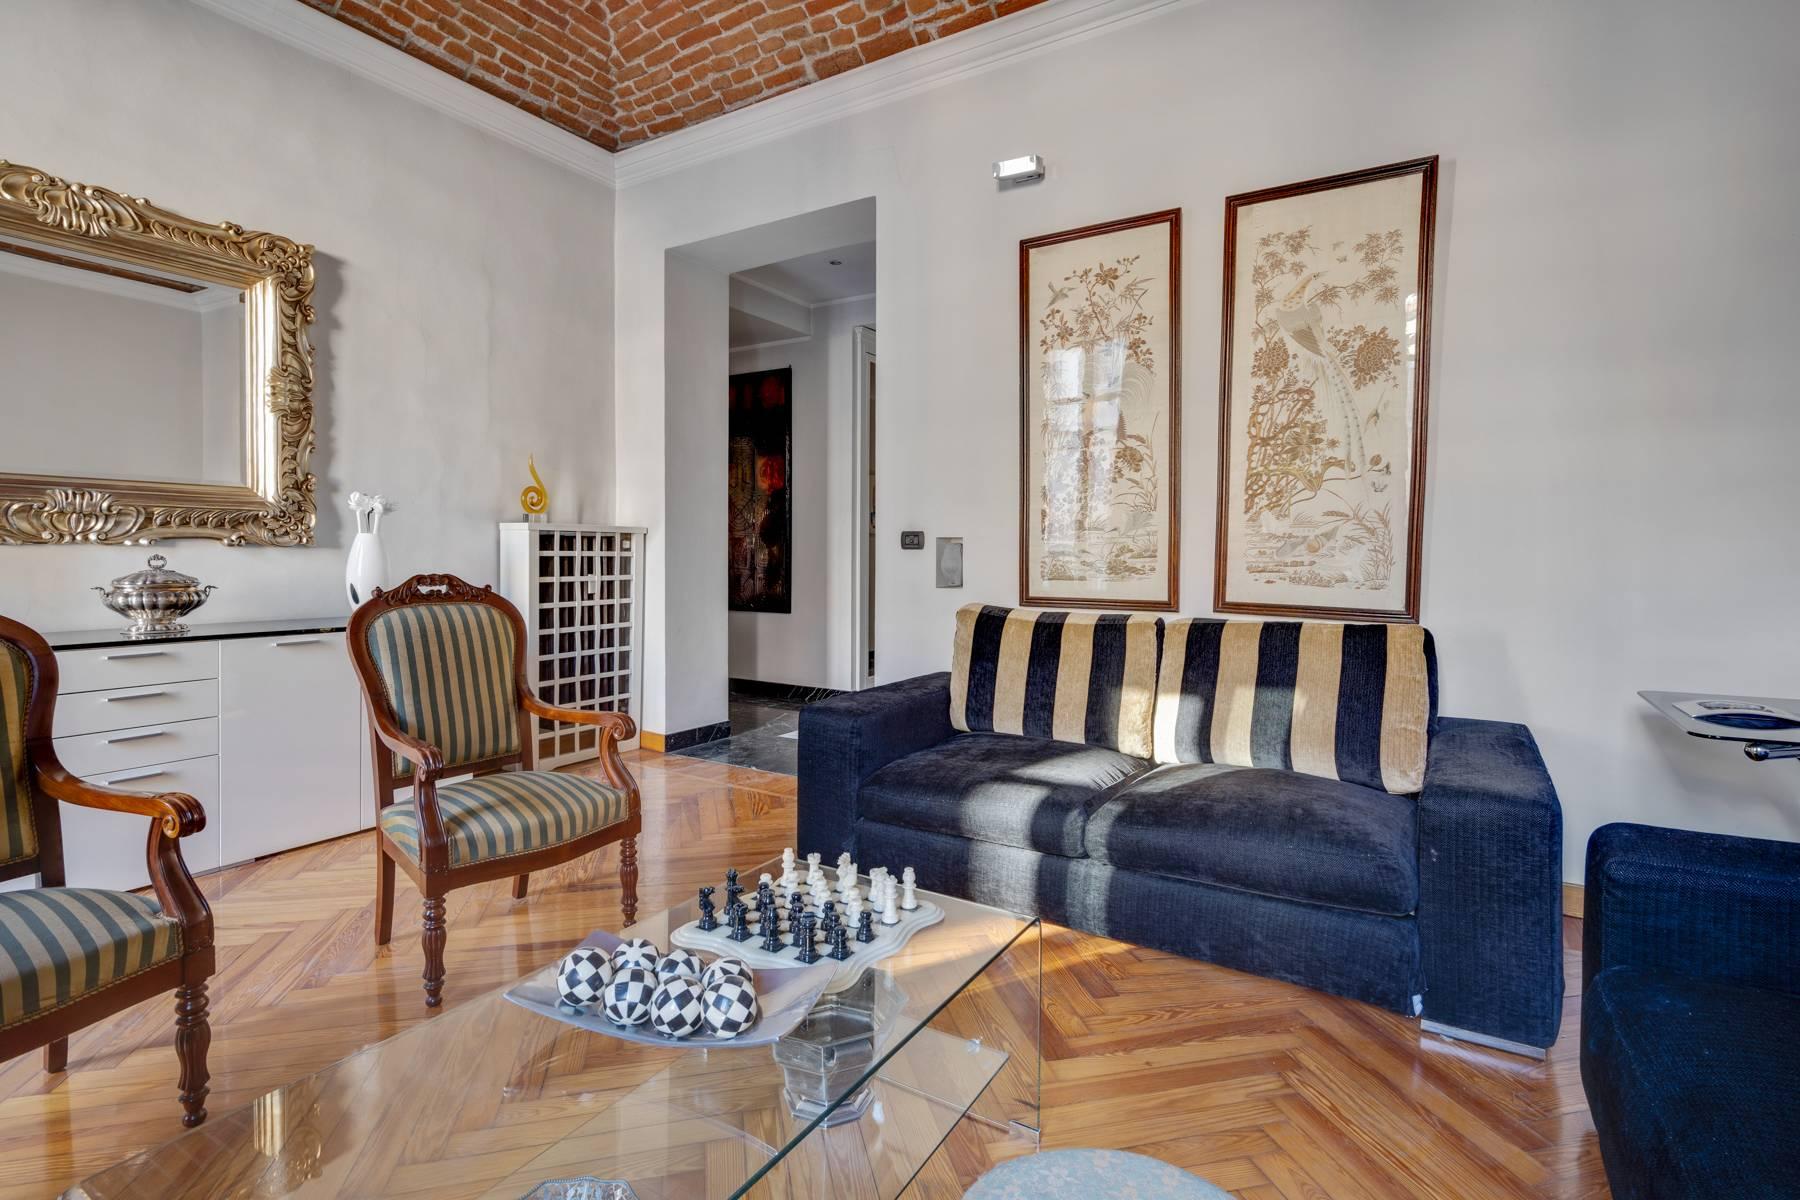 Appartamento in Vendita a Torino: 4 locali, 112 mq - Foto 1